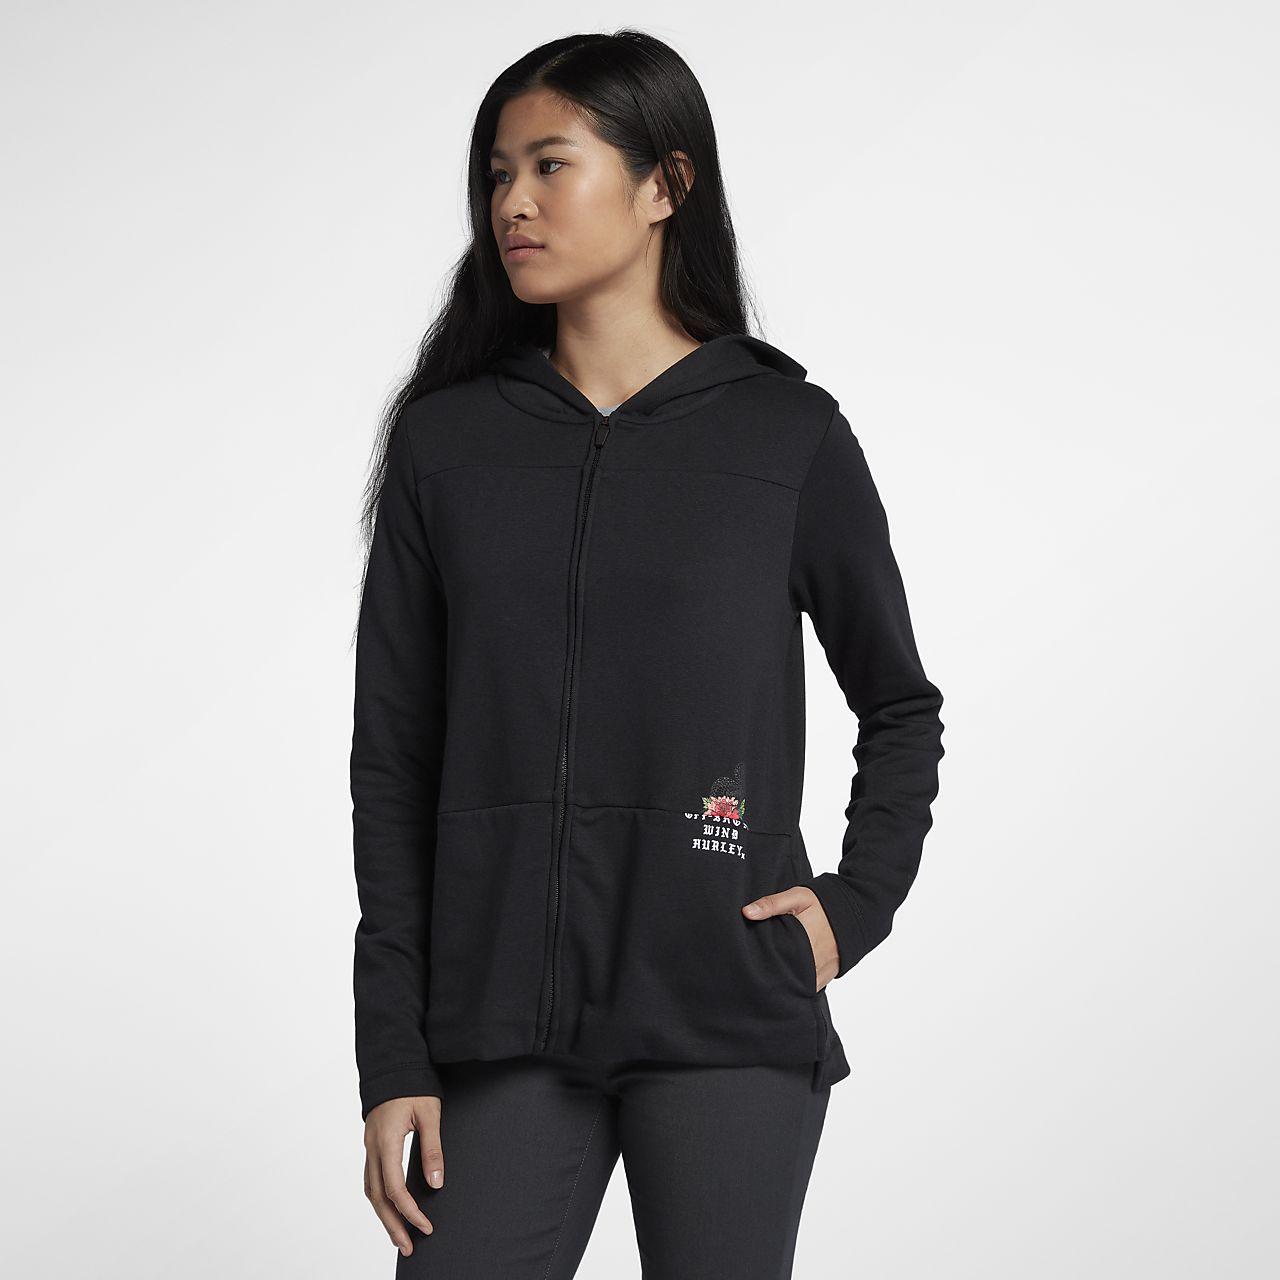 Hurley Split Zip Fleece Women's Hoodie